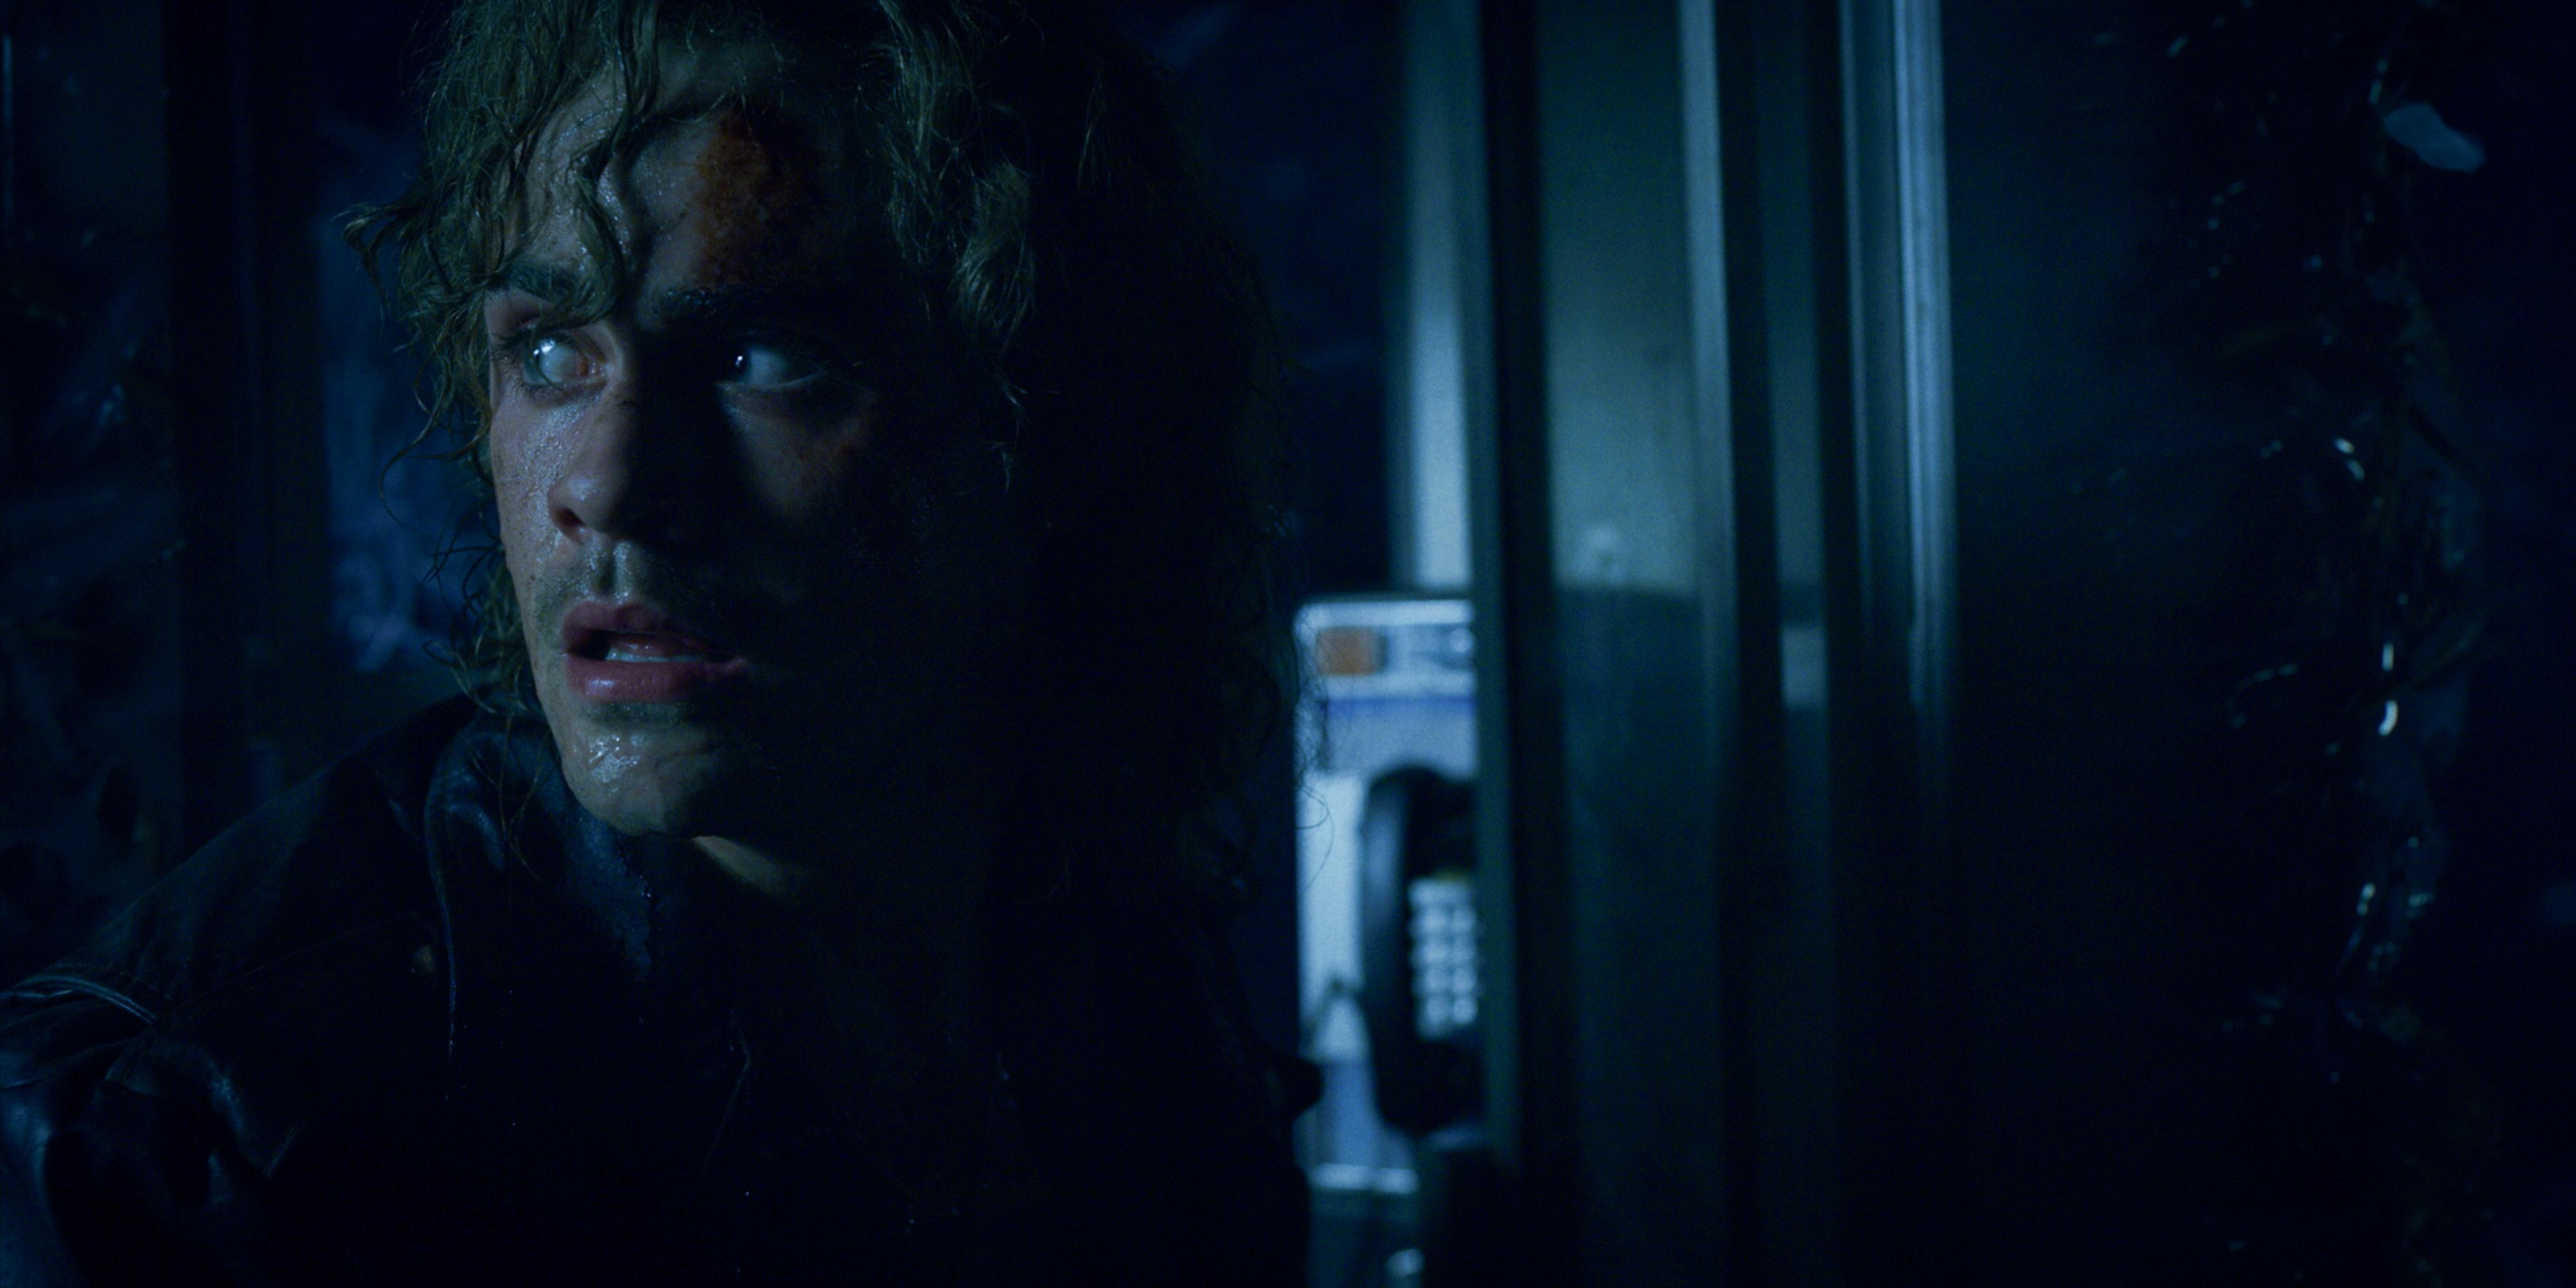 Billy's Final Scene In 'Stranger Things' Will Break Your Heart